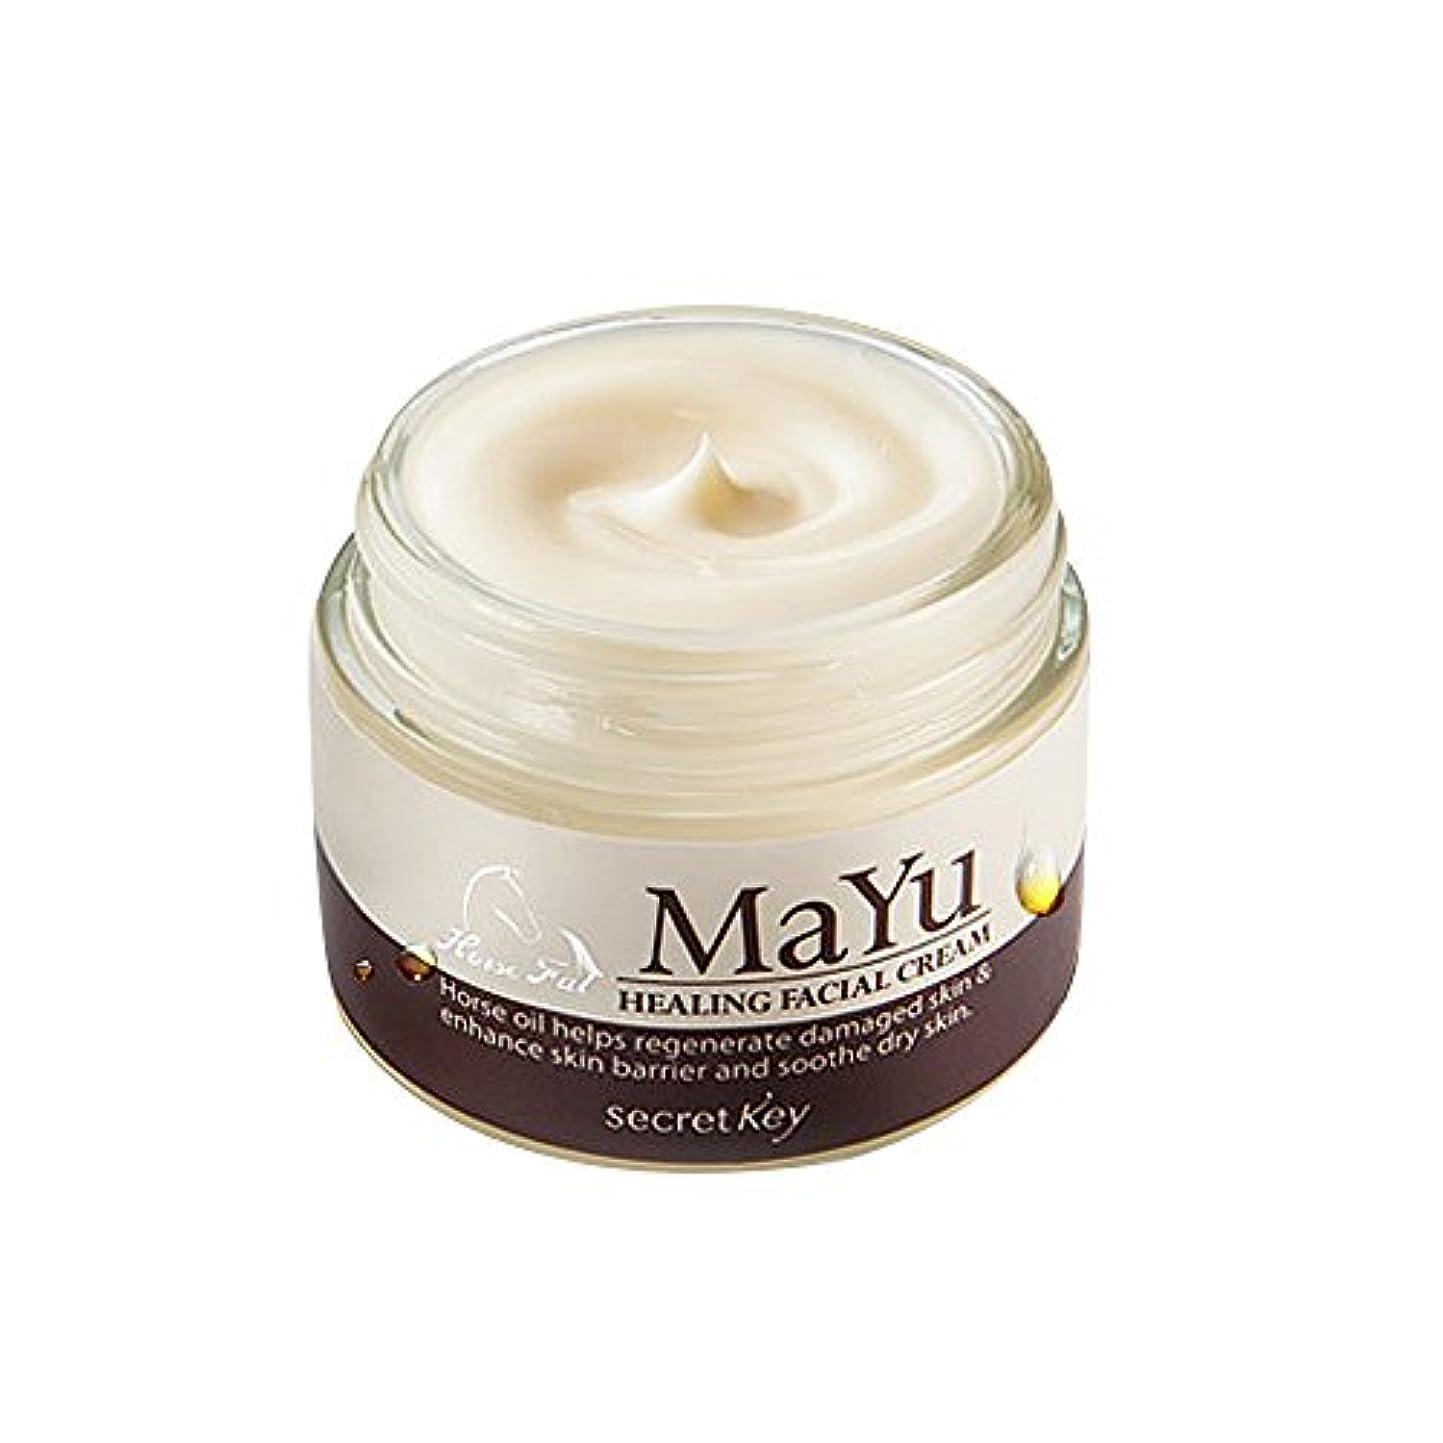 スポーツ味のみ[シークレットキー]Secretkey 馬油ヒーリングフェイシャルクリーム70g 海外直送品 Mayu Healing Facial Cream 70g